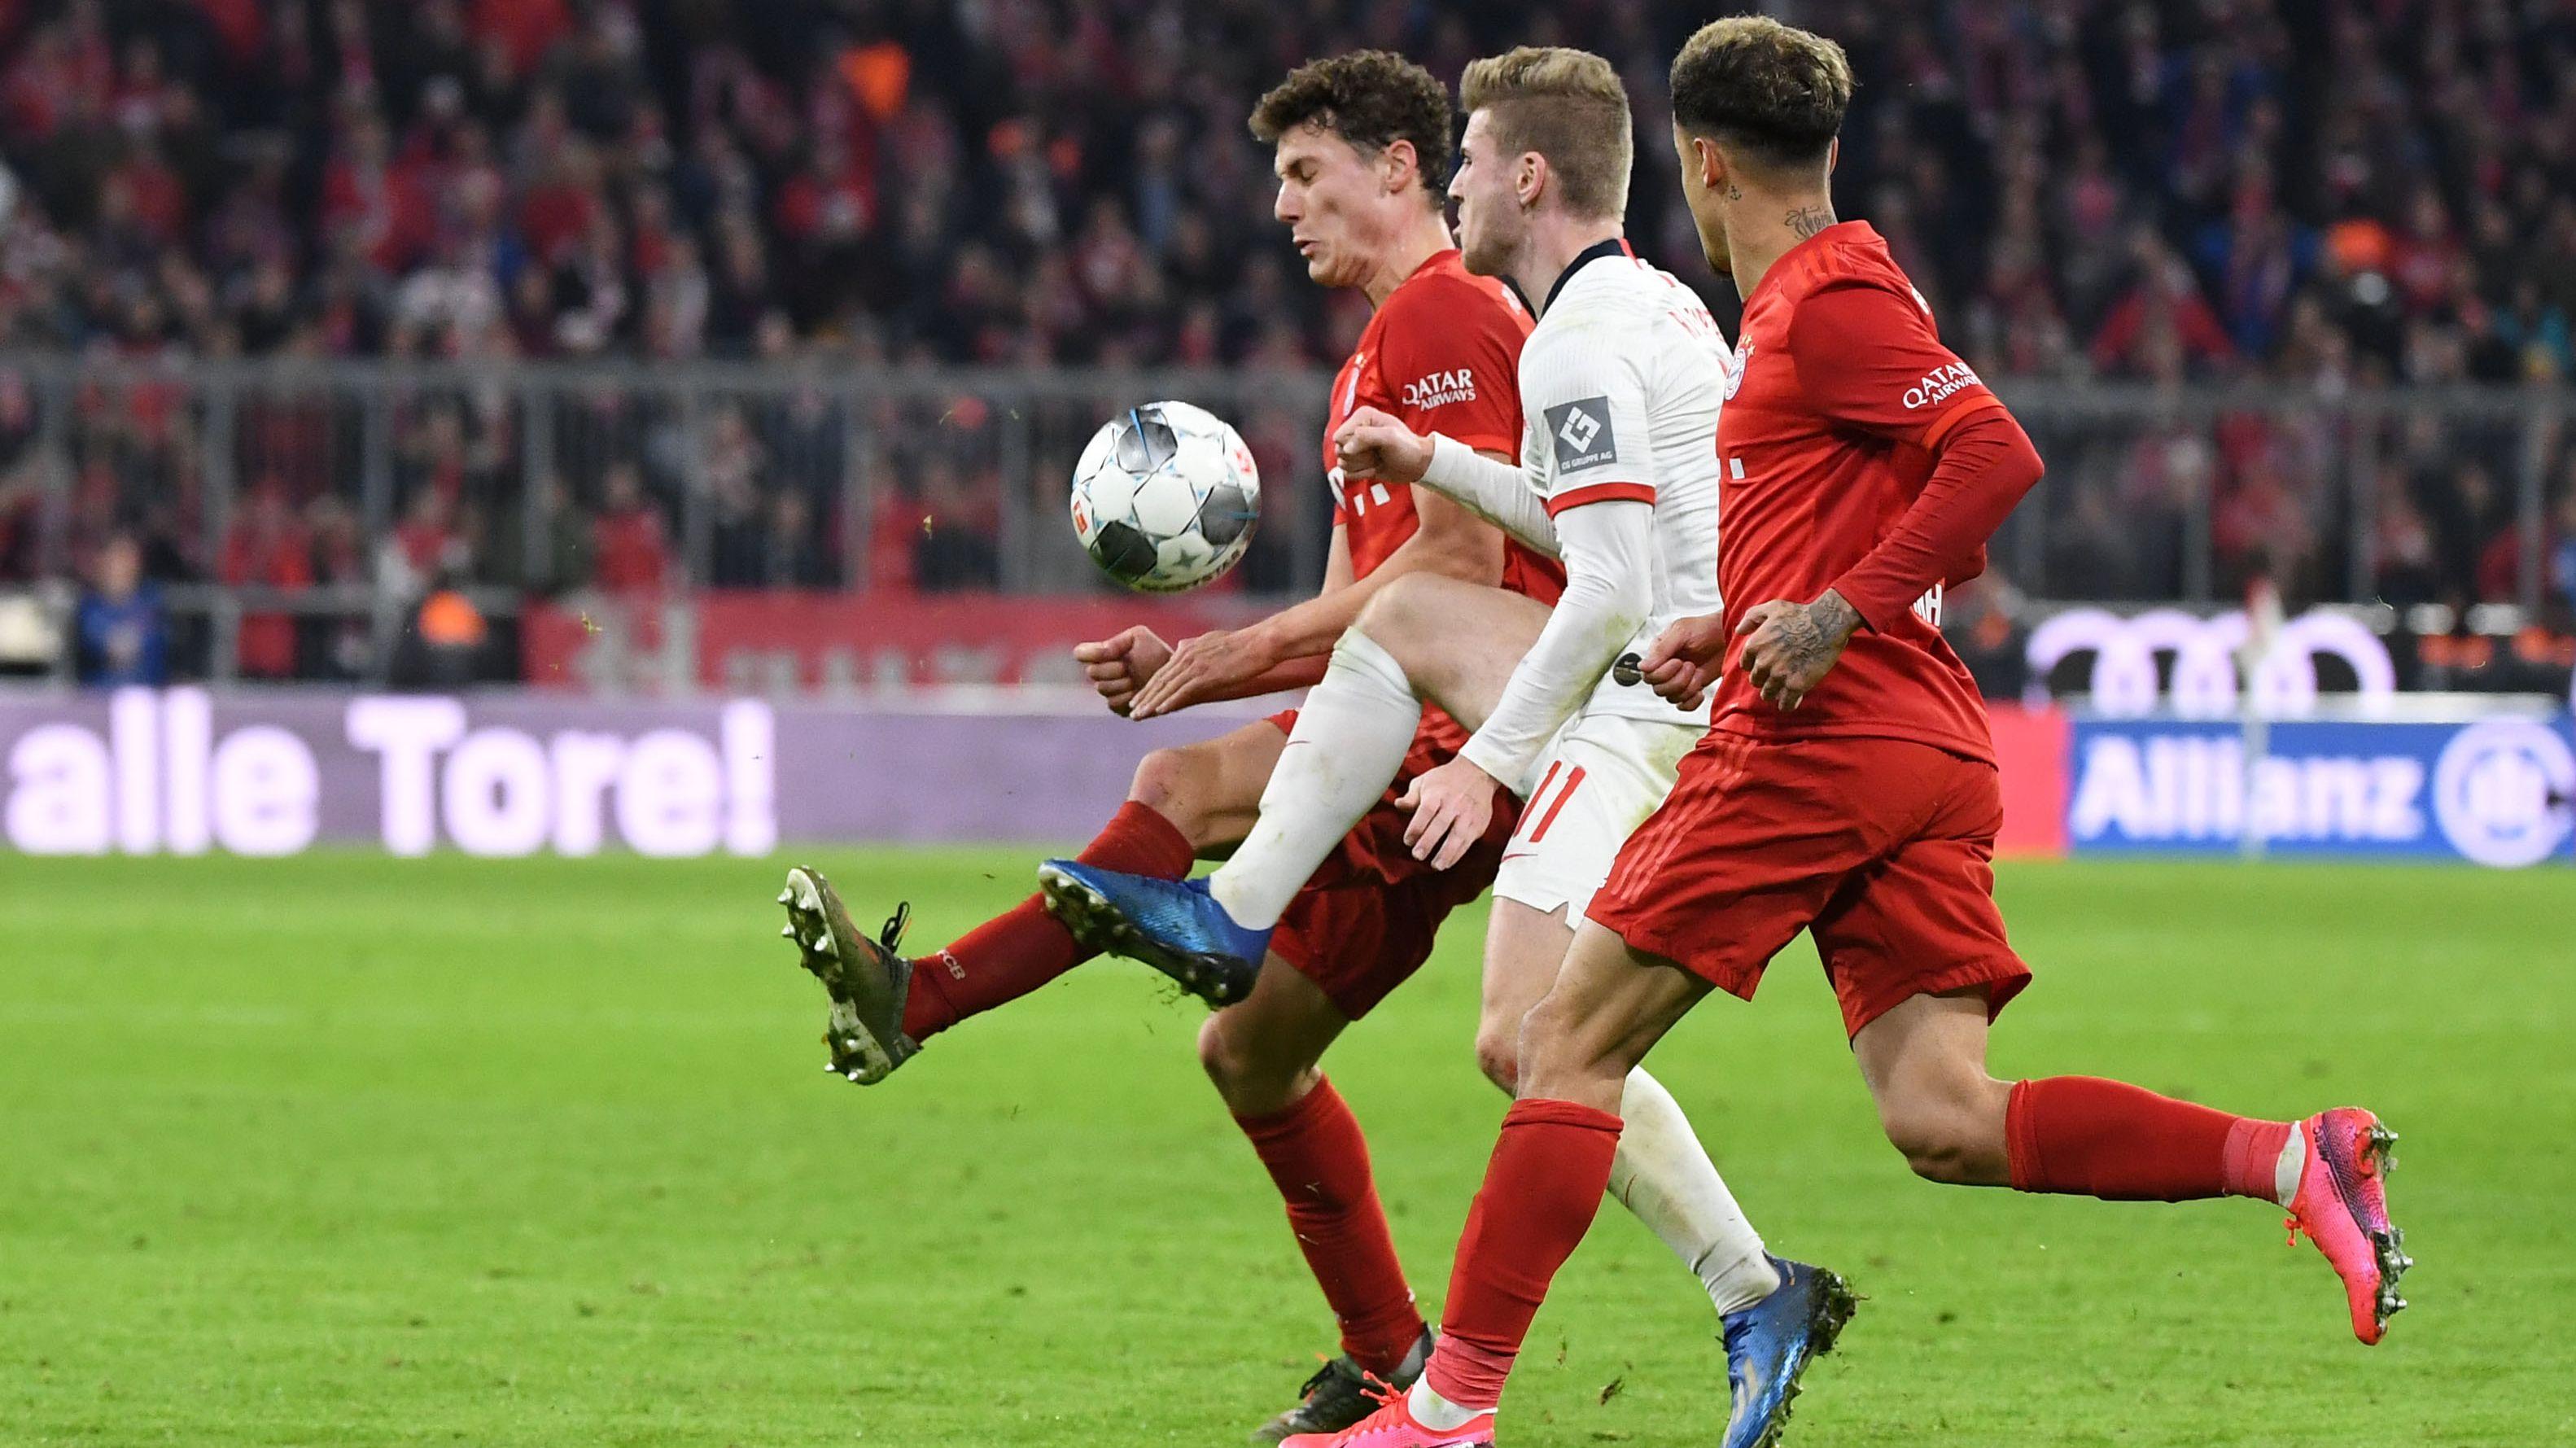 Spielszene aus der Partie FC Bayern gegen Leipzig